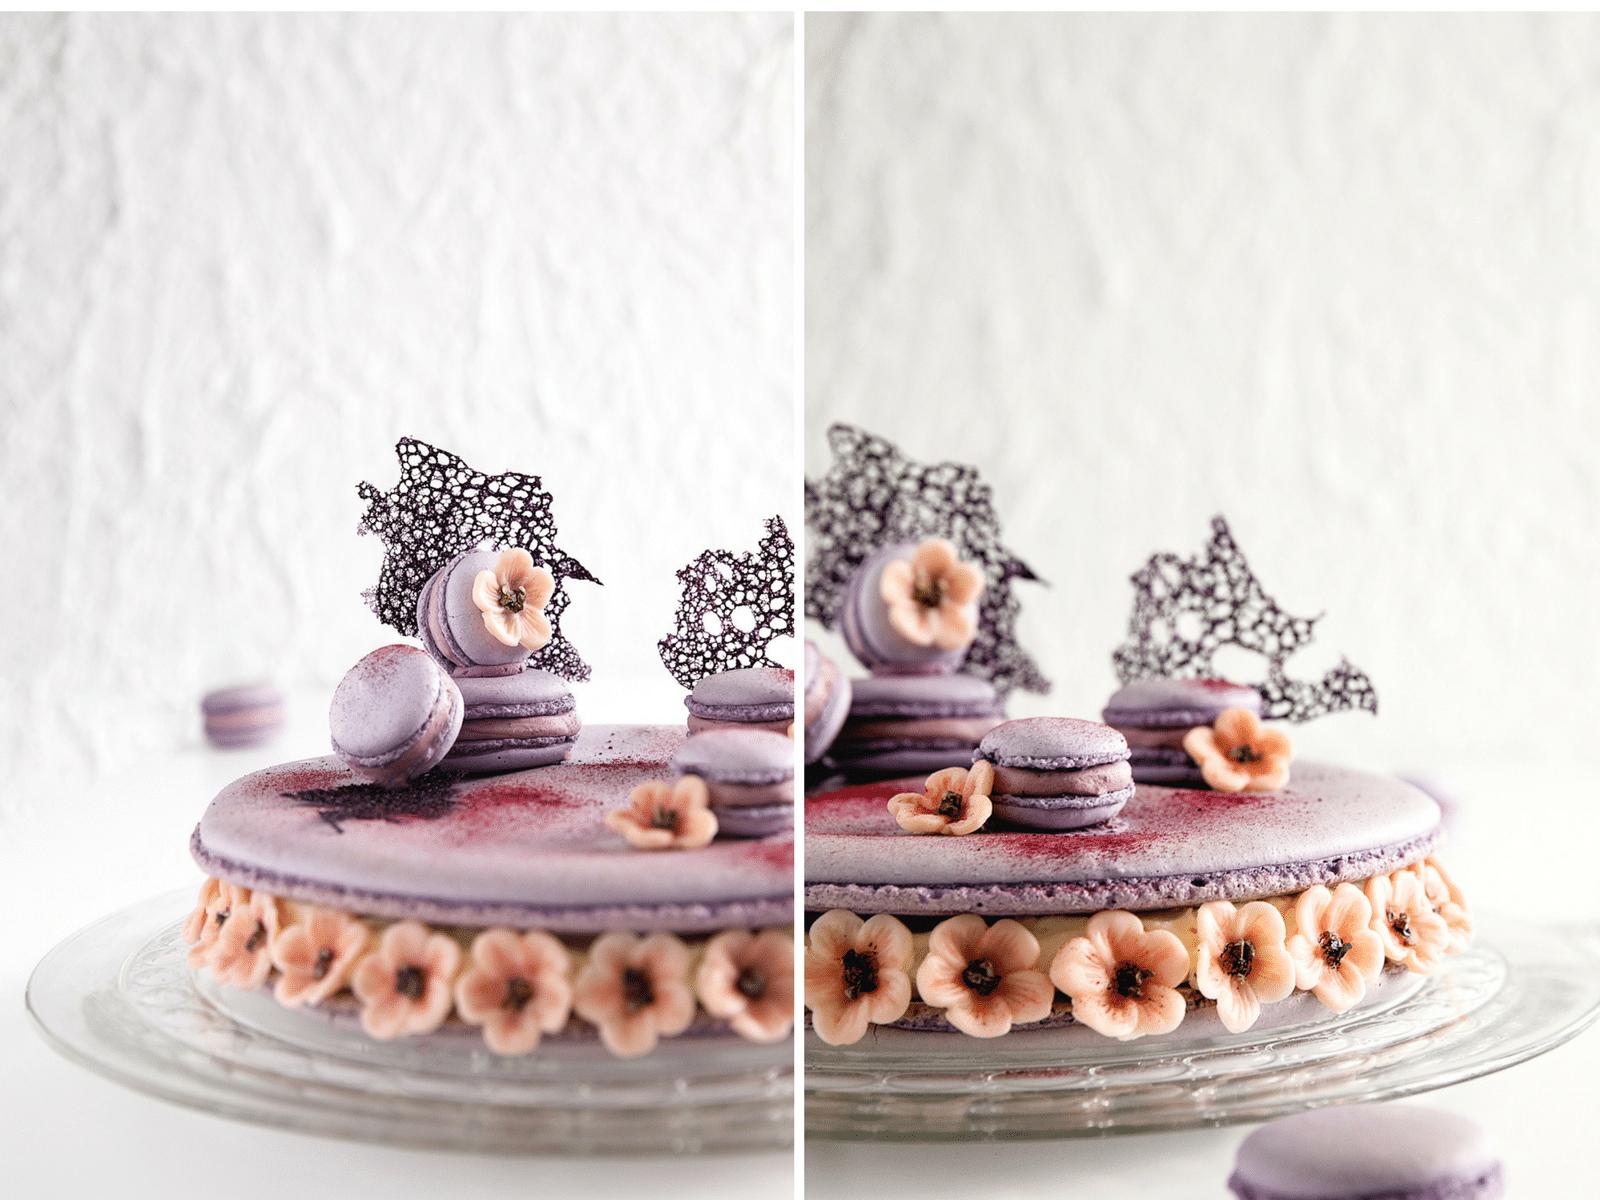 kæmpe macaron kage, kirsebærblomster, brombær, brombærganache